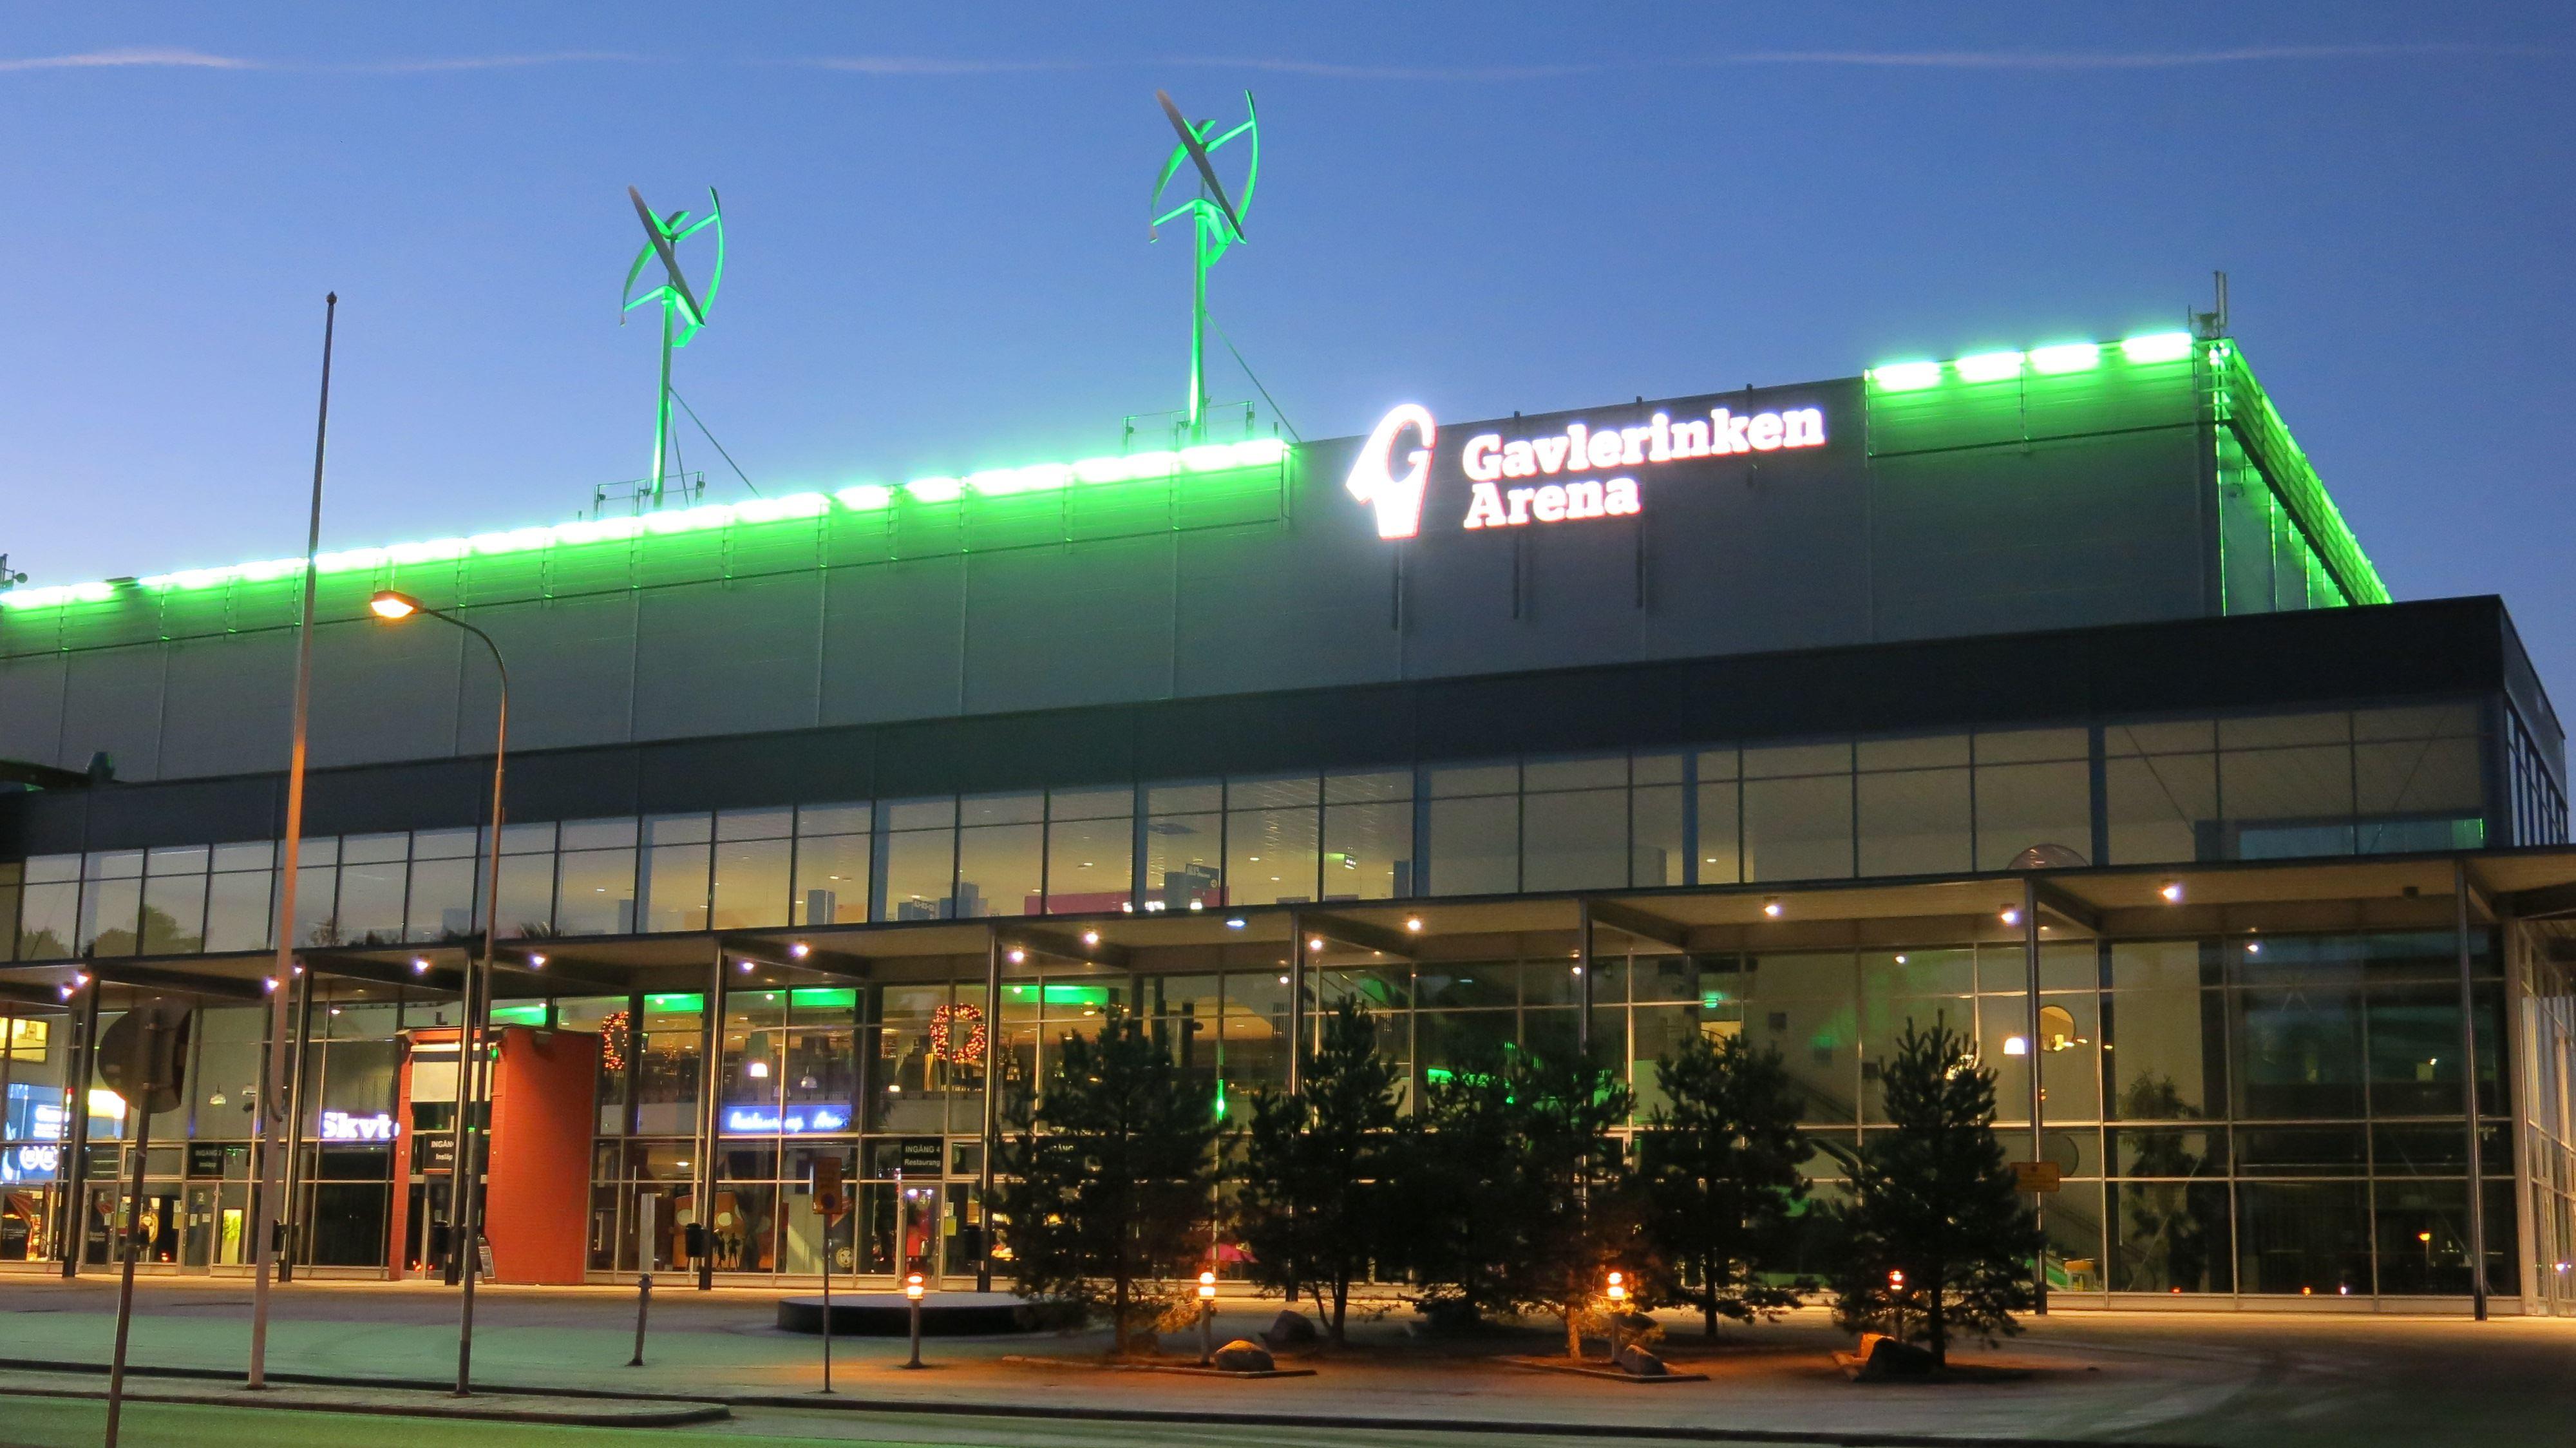 Gavlerinken Arena - Konferens